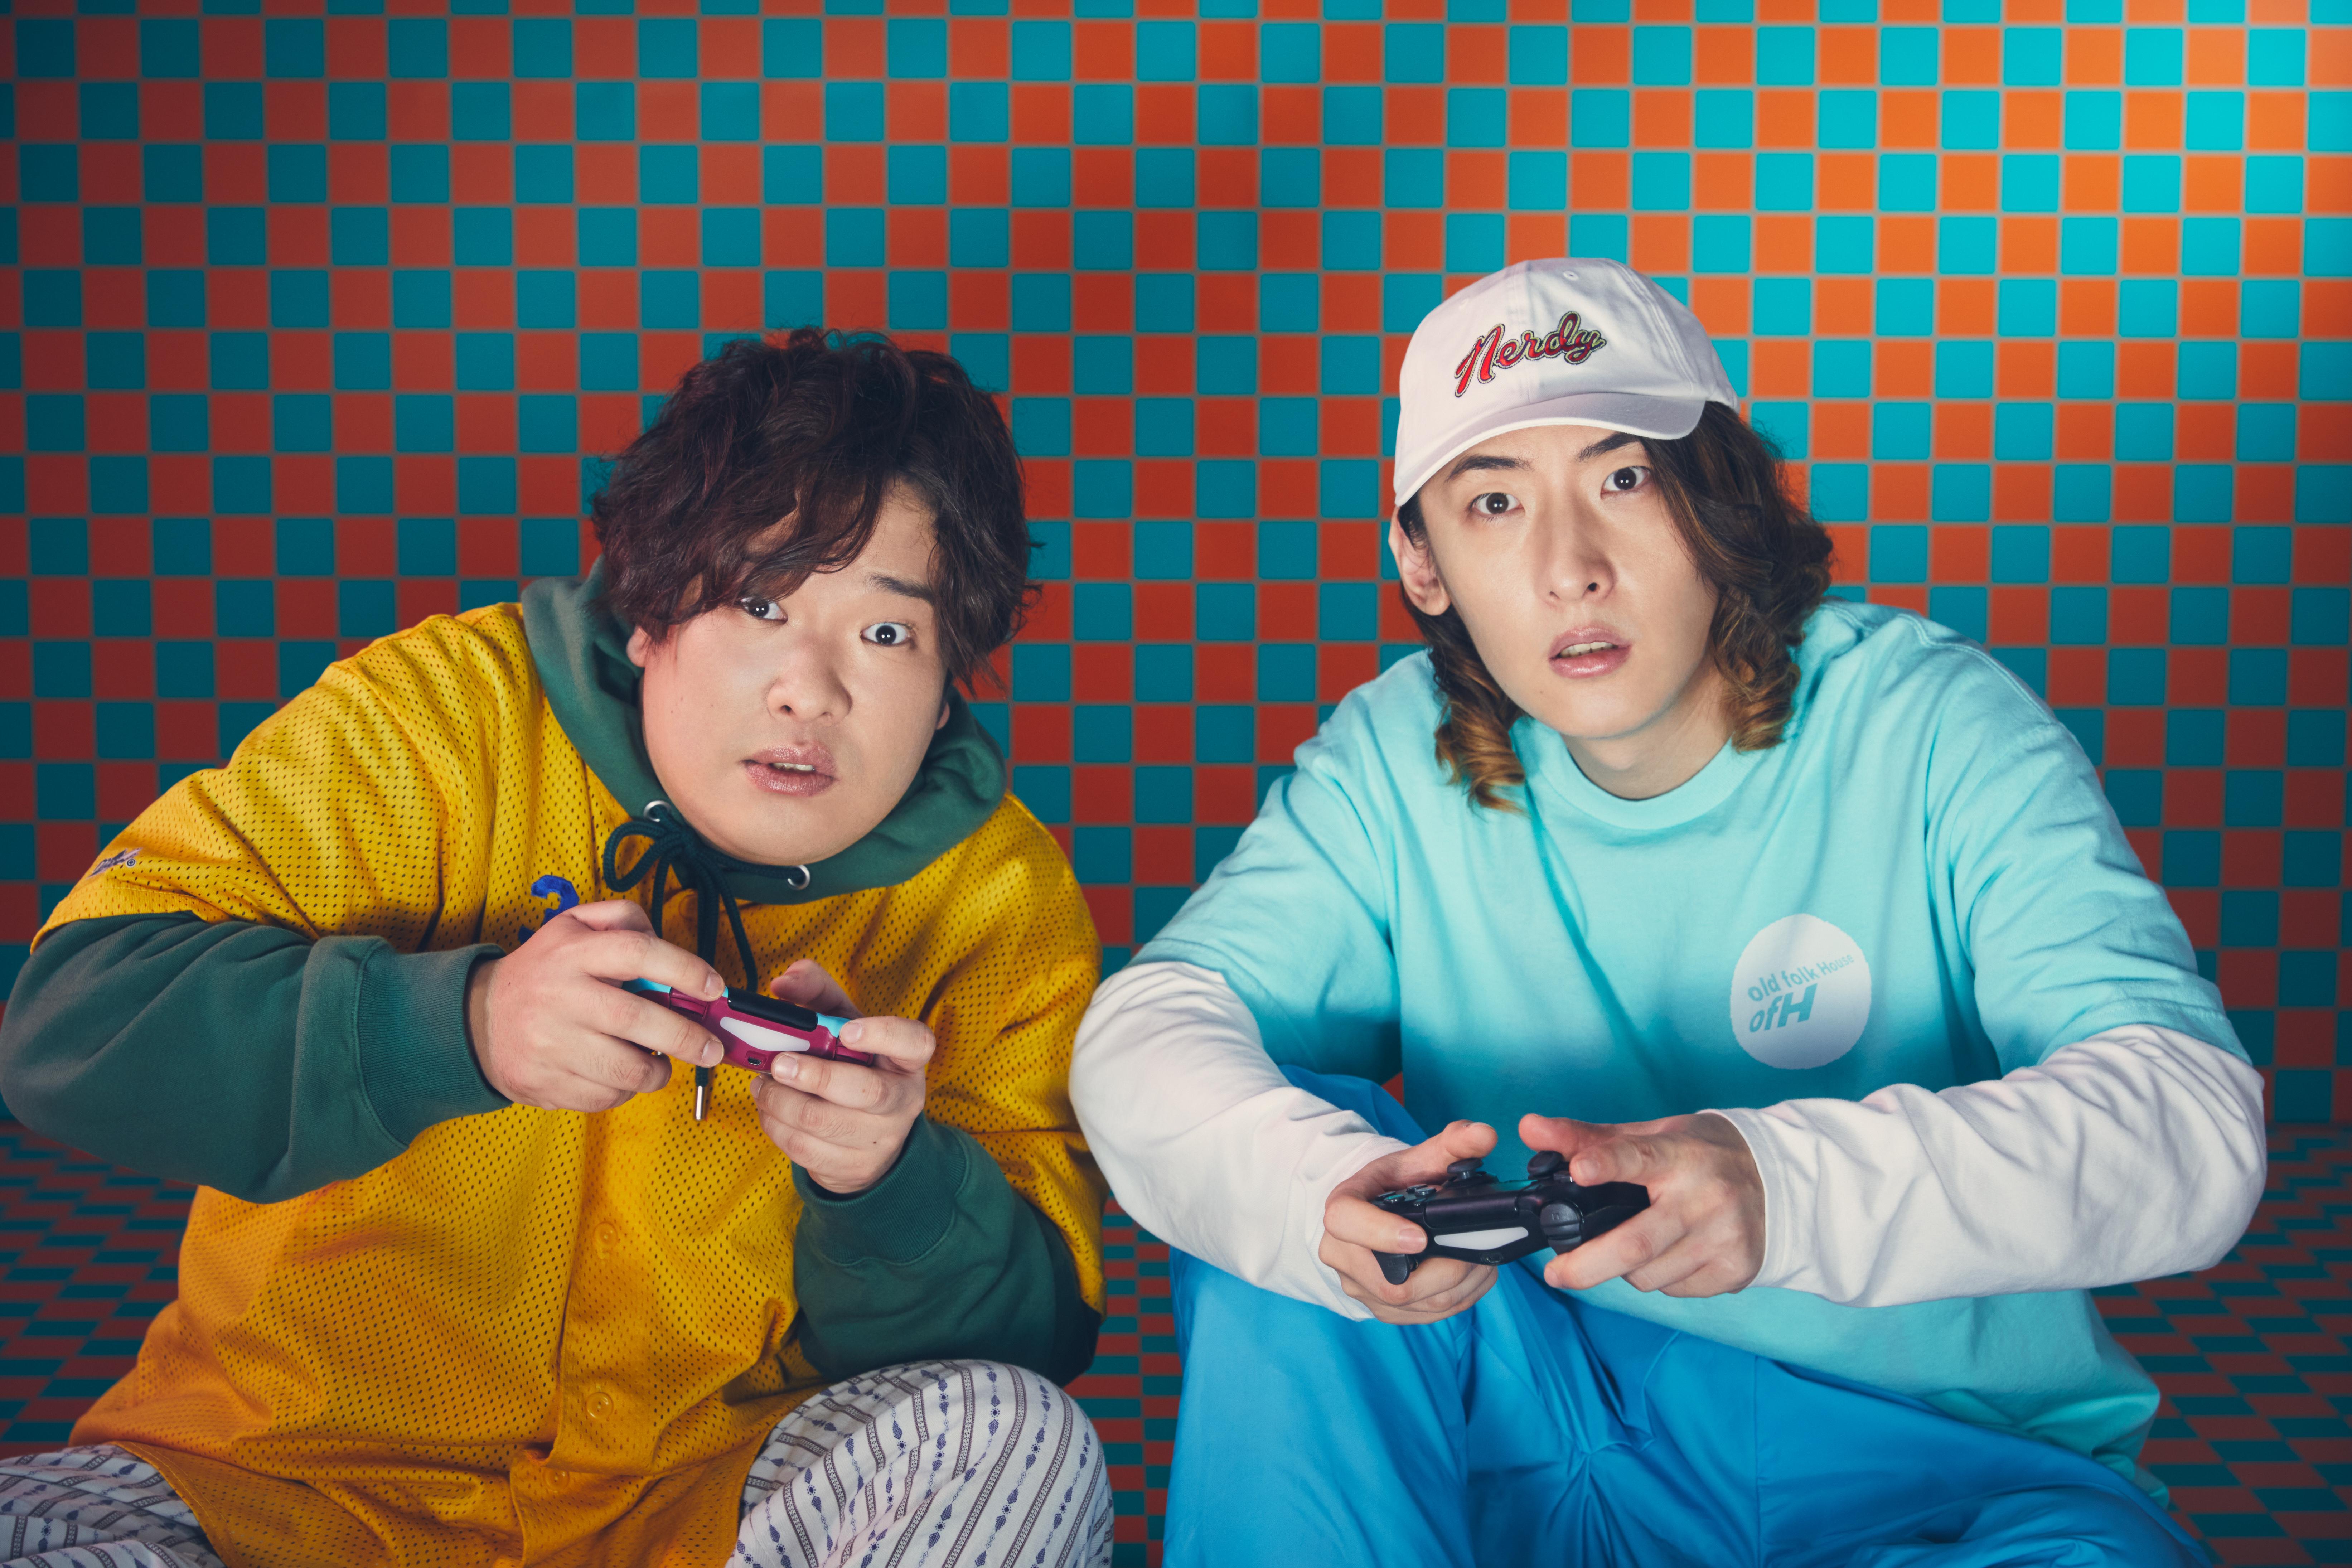 ビッケブランカ VS 岡崎体育、ニューシングル「化かしHOUR NIGHT」を10月28日(水)に発売